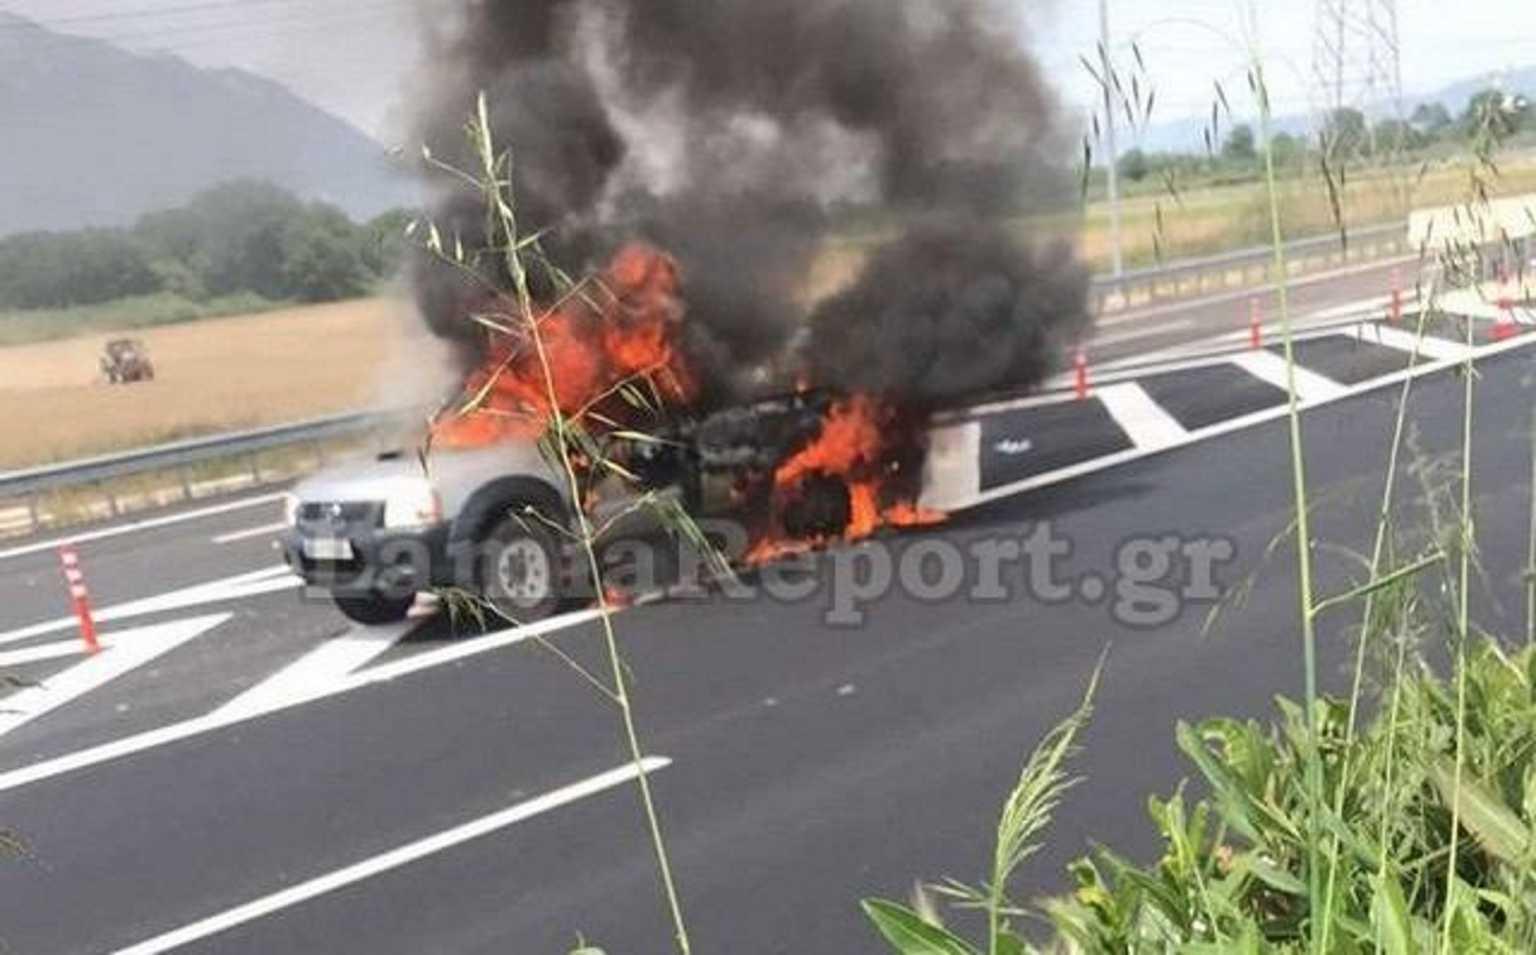 Πυρκαγιά σε Ι.Χ στην Εθνική Οδό Αθηνών – Λαμίας (Φώτο)